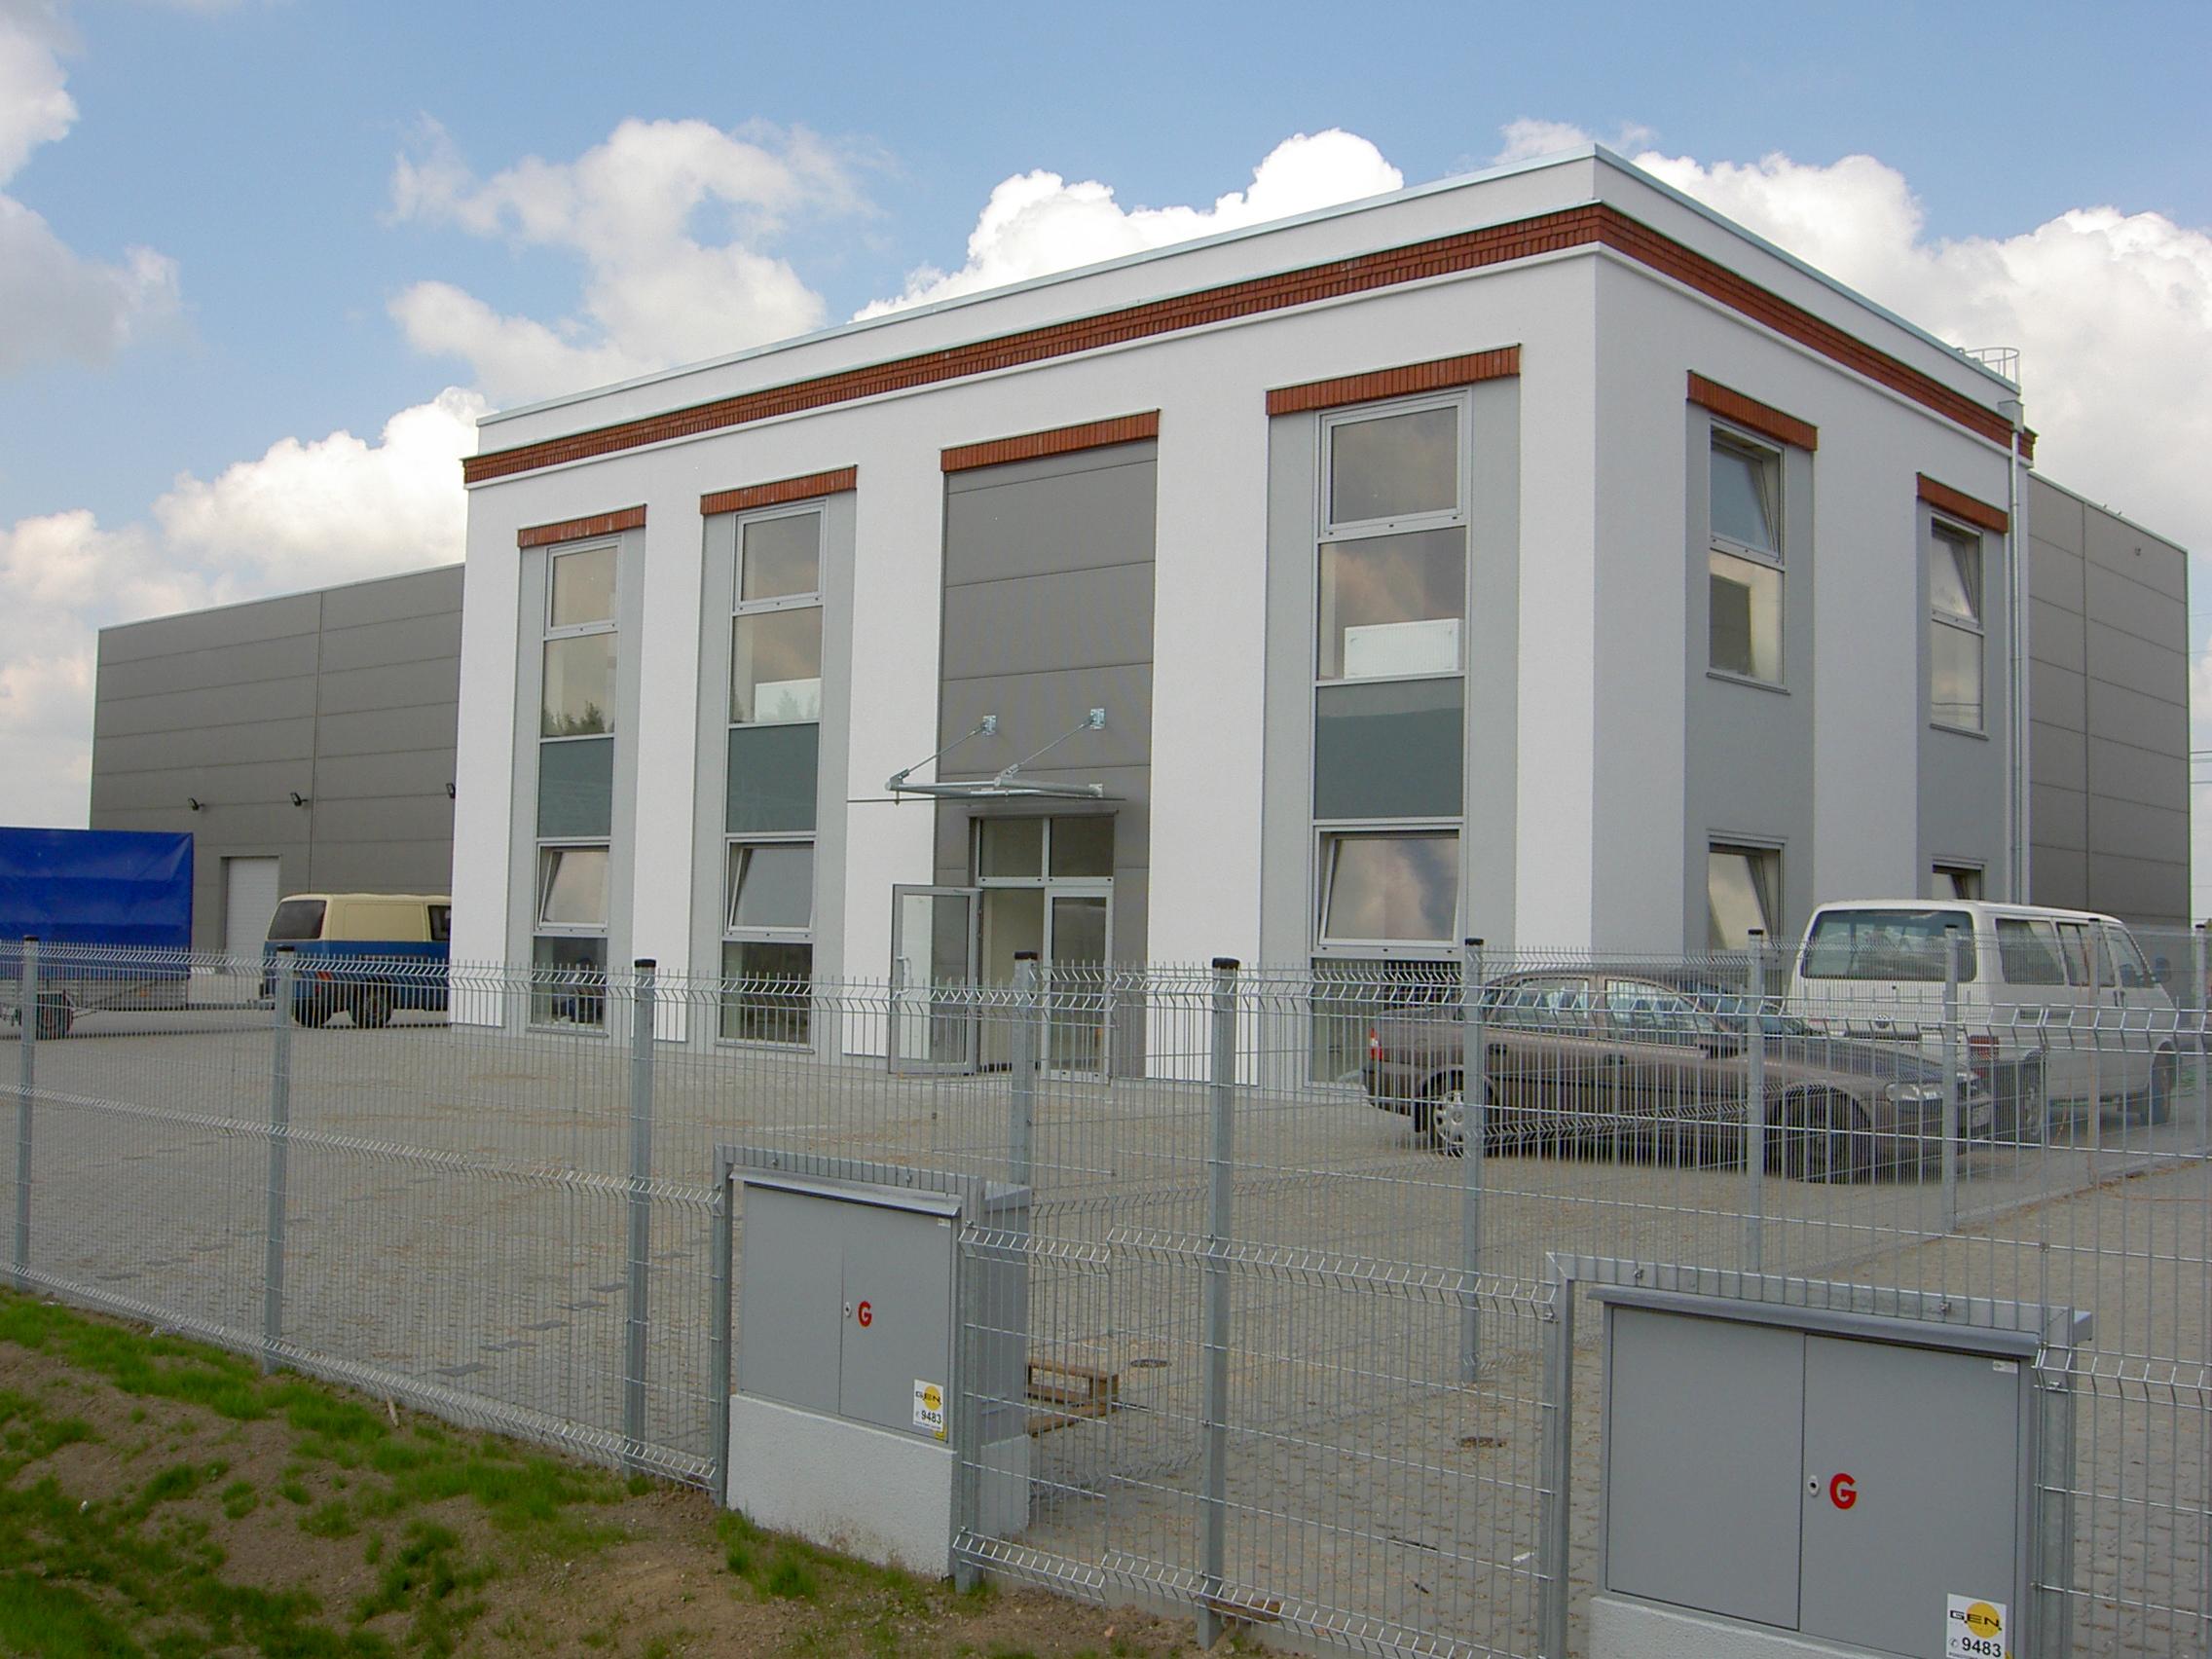 Park przemysłowy zagospodarowany obiektami biurowo-magazynowymi wraz infrastrukturą Jakon Sierosław Parking